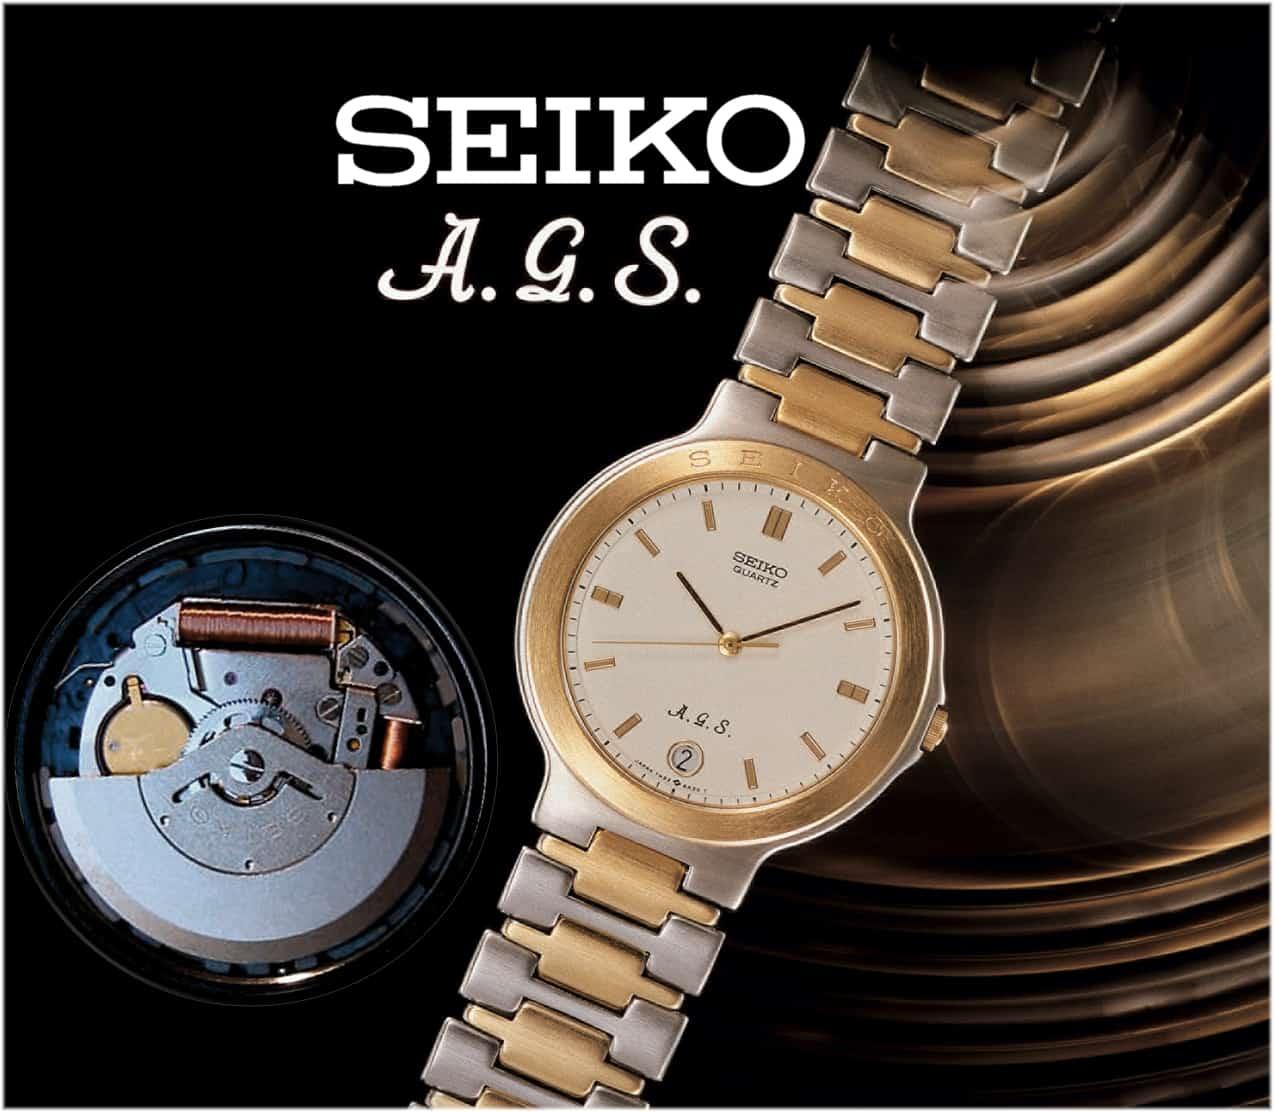 Seiko Quartz A.G.S. 1988 (C) Uhrenkosmos